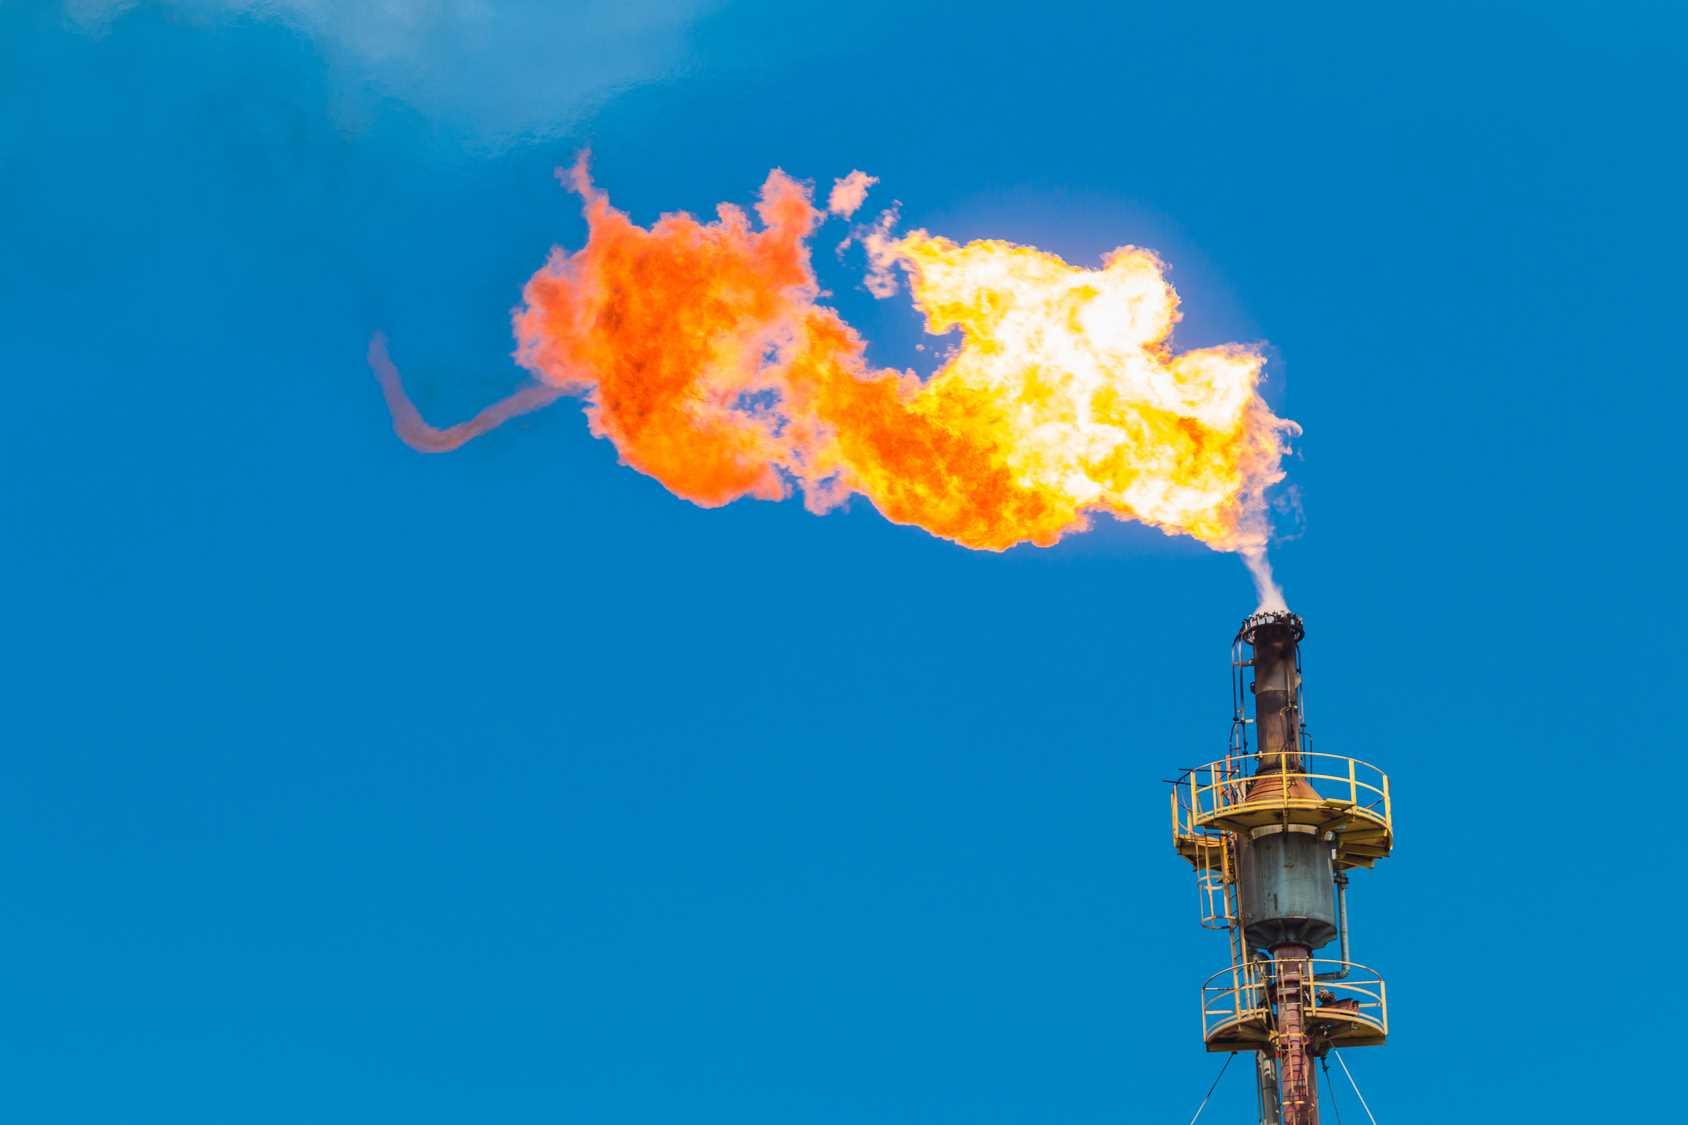 La subida parece justificada por el alza de los combustibles